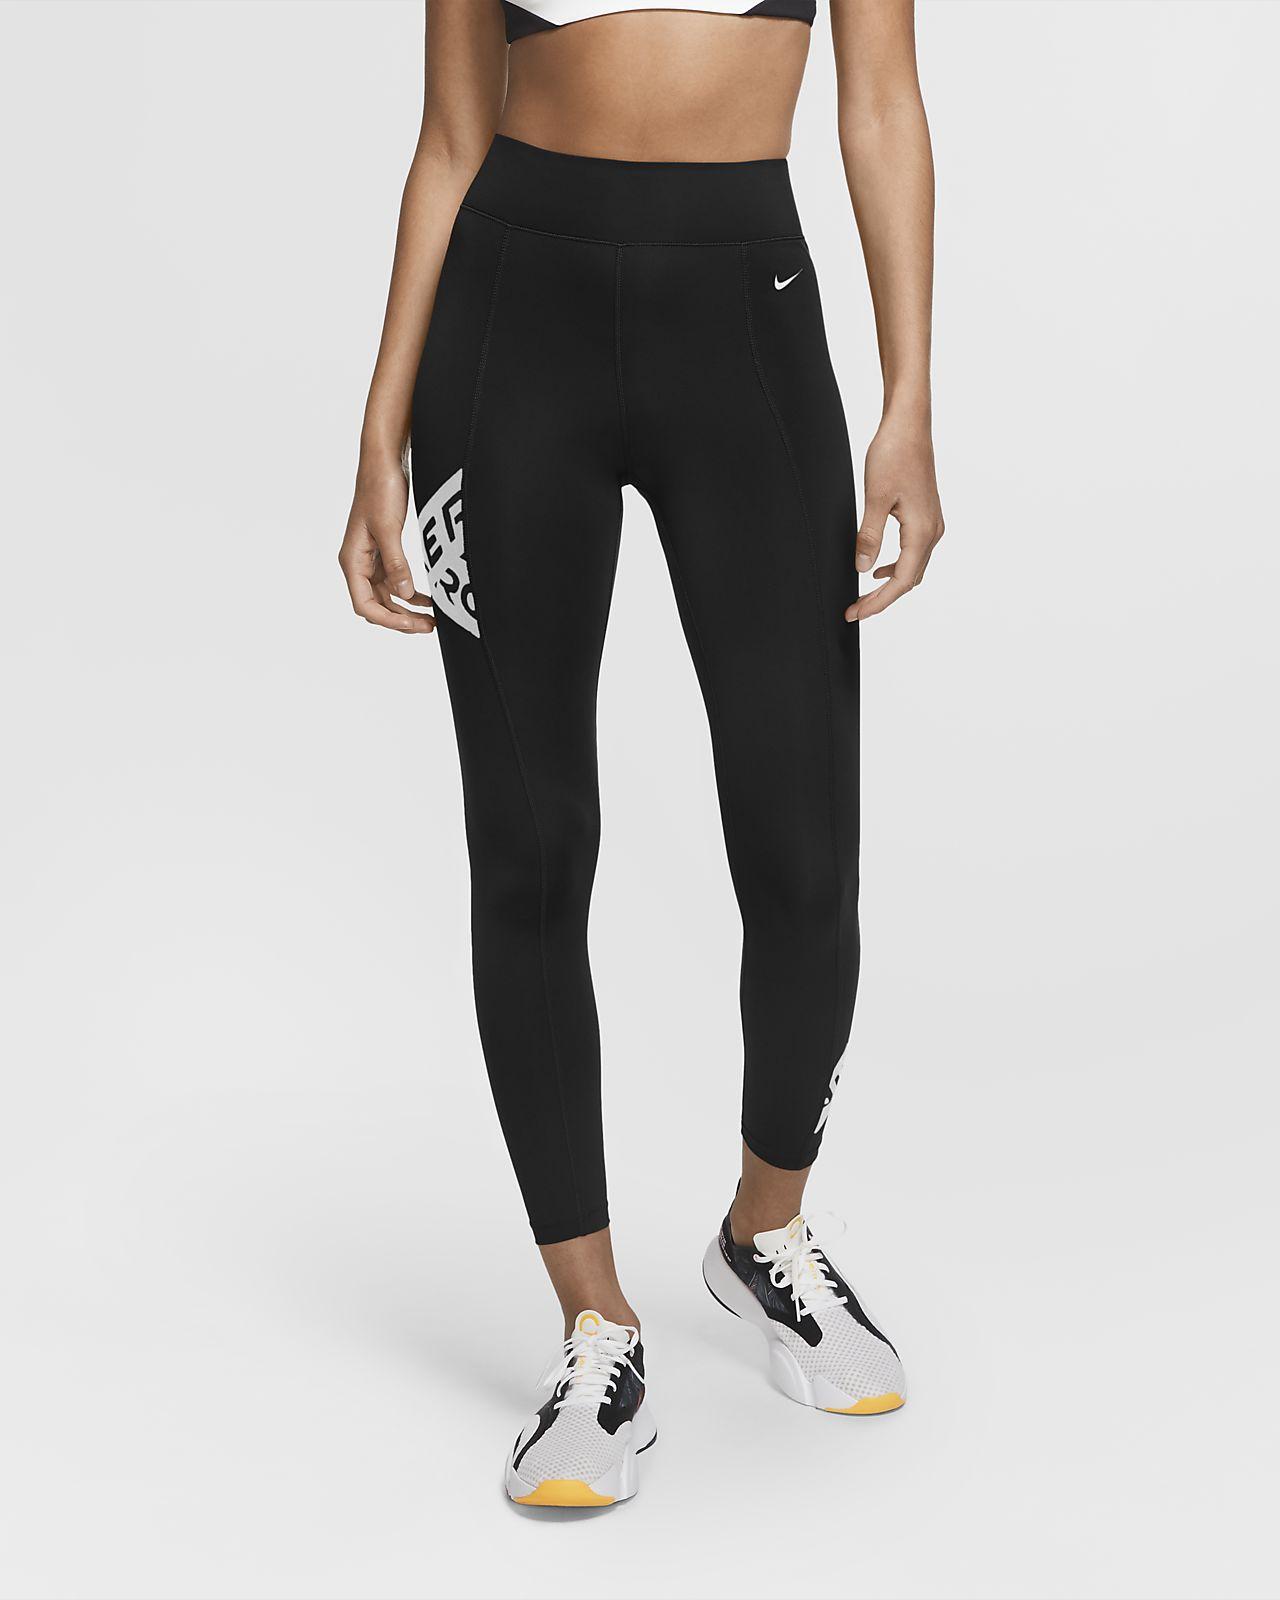 Nike Pro 7/8 Grafikli Kadın Taytı